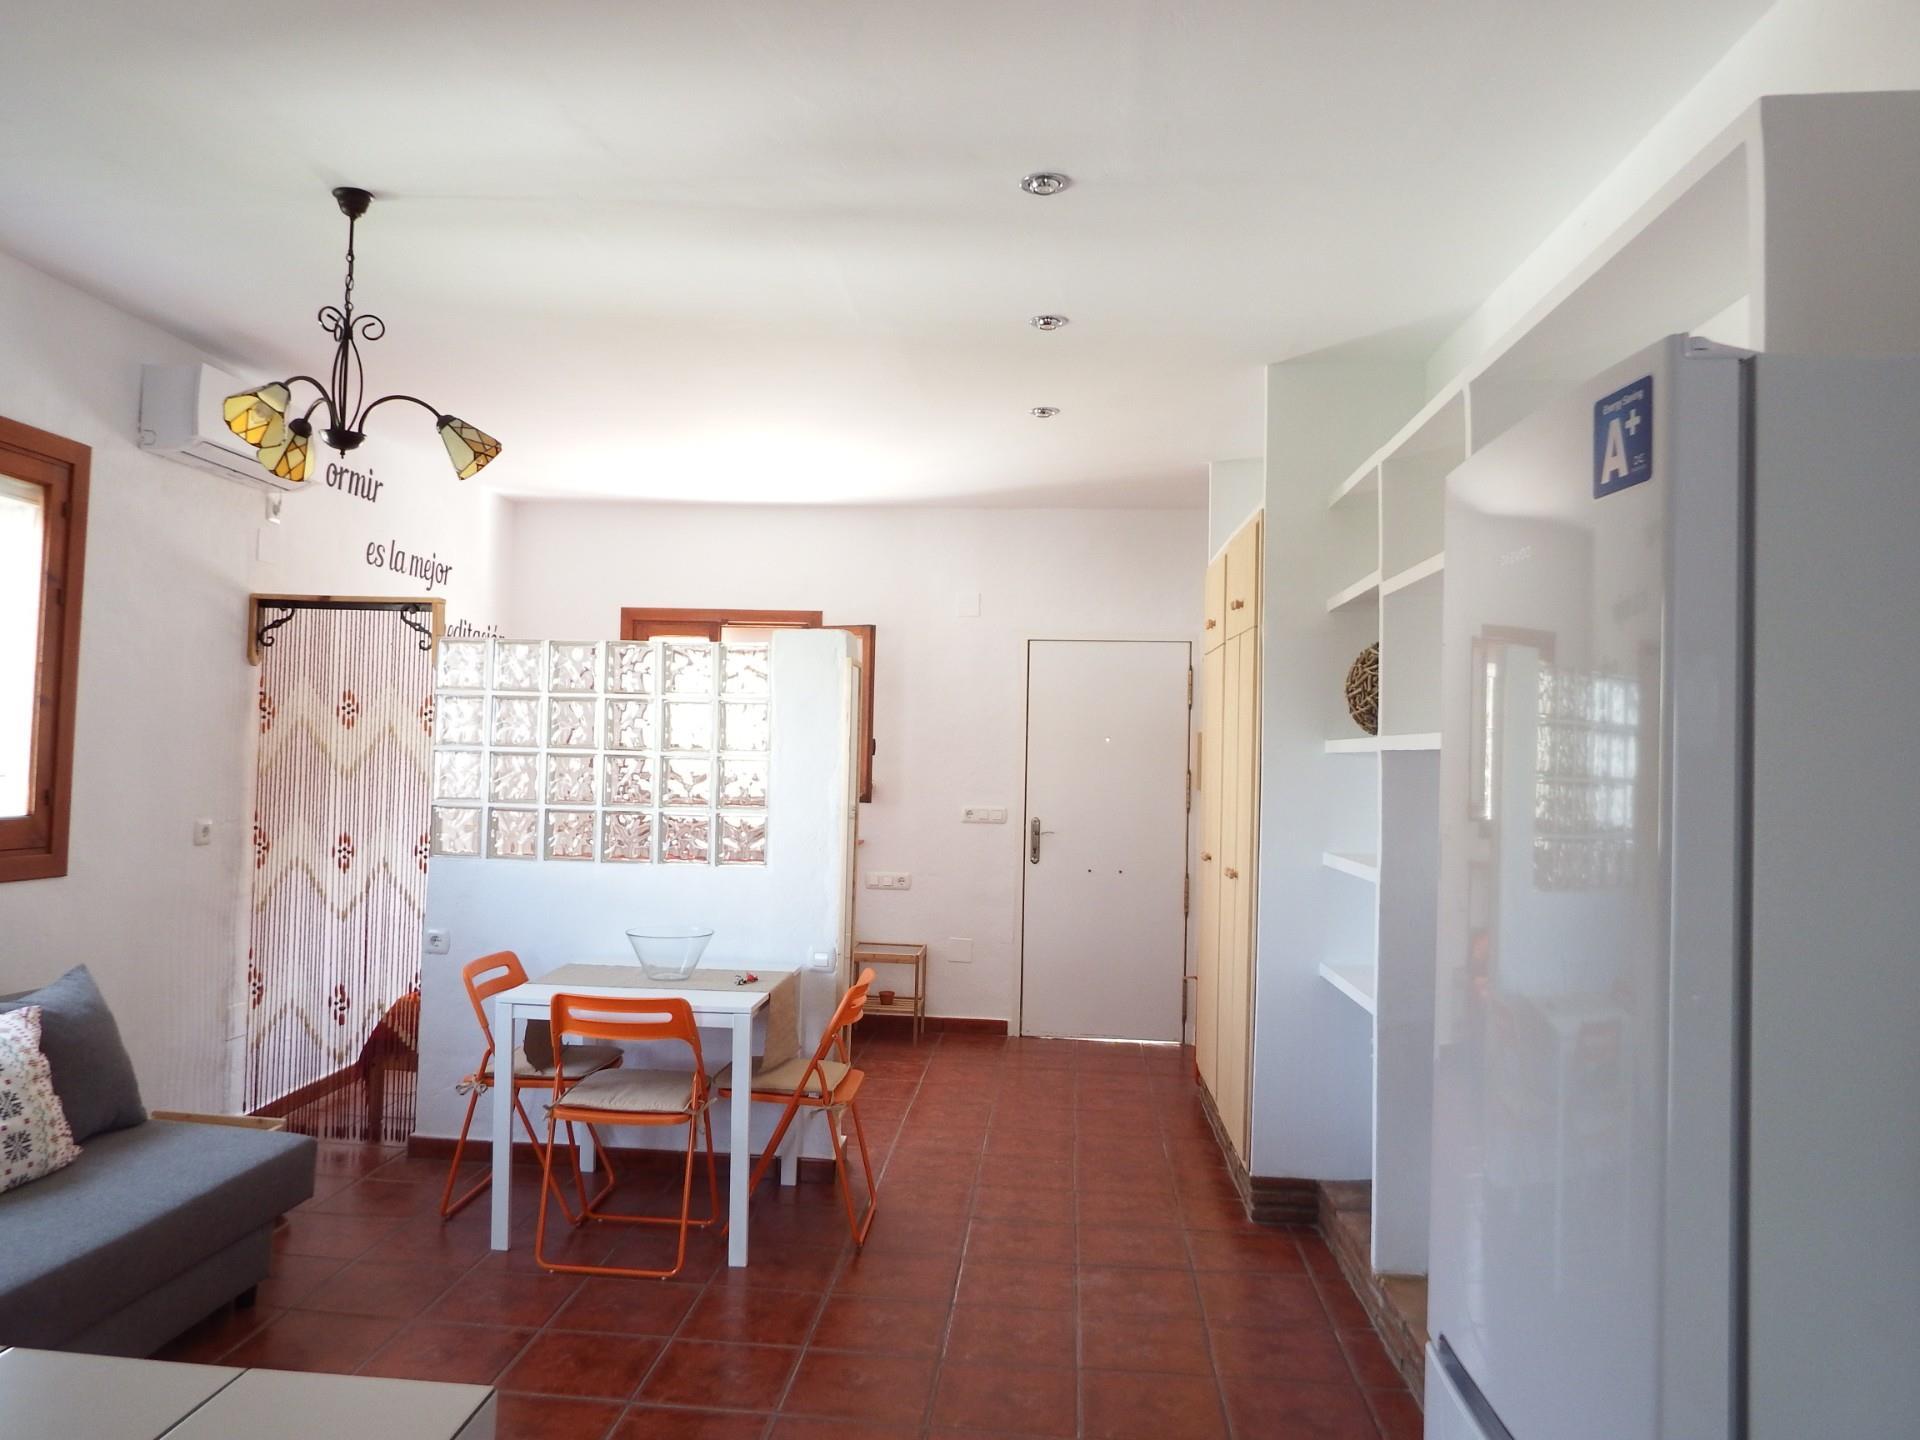 Loft de alquiler en Lugar Cortijo Blanco, 19 Torre de Benagalbón - Añoreta (Torre de Benagalbón, Málaga)